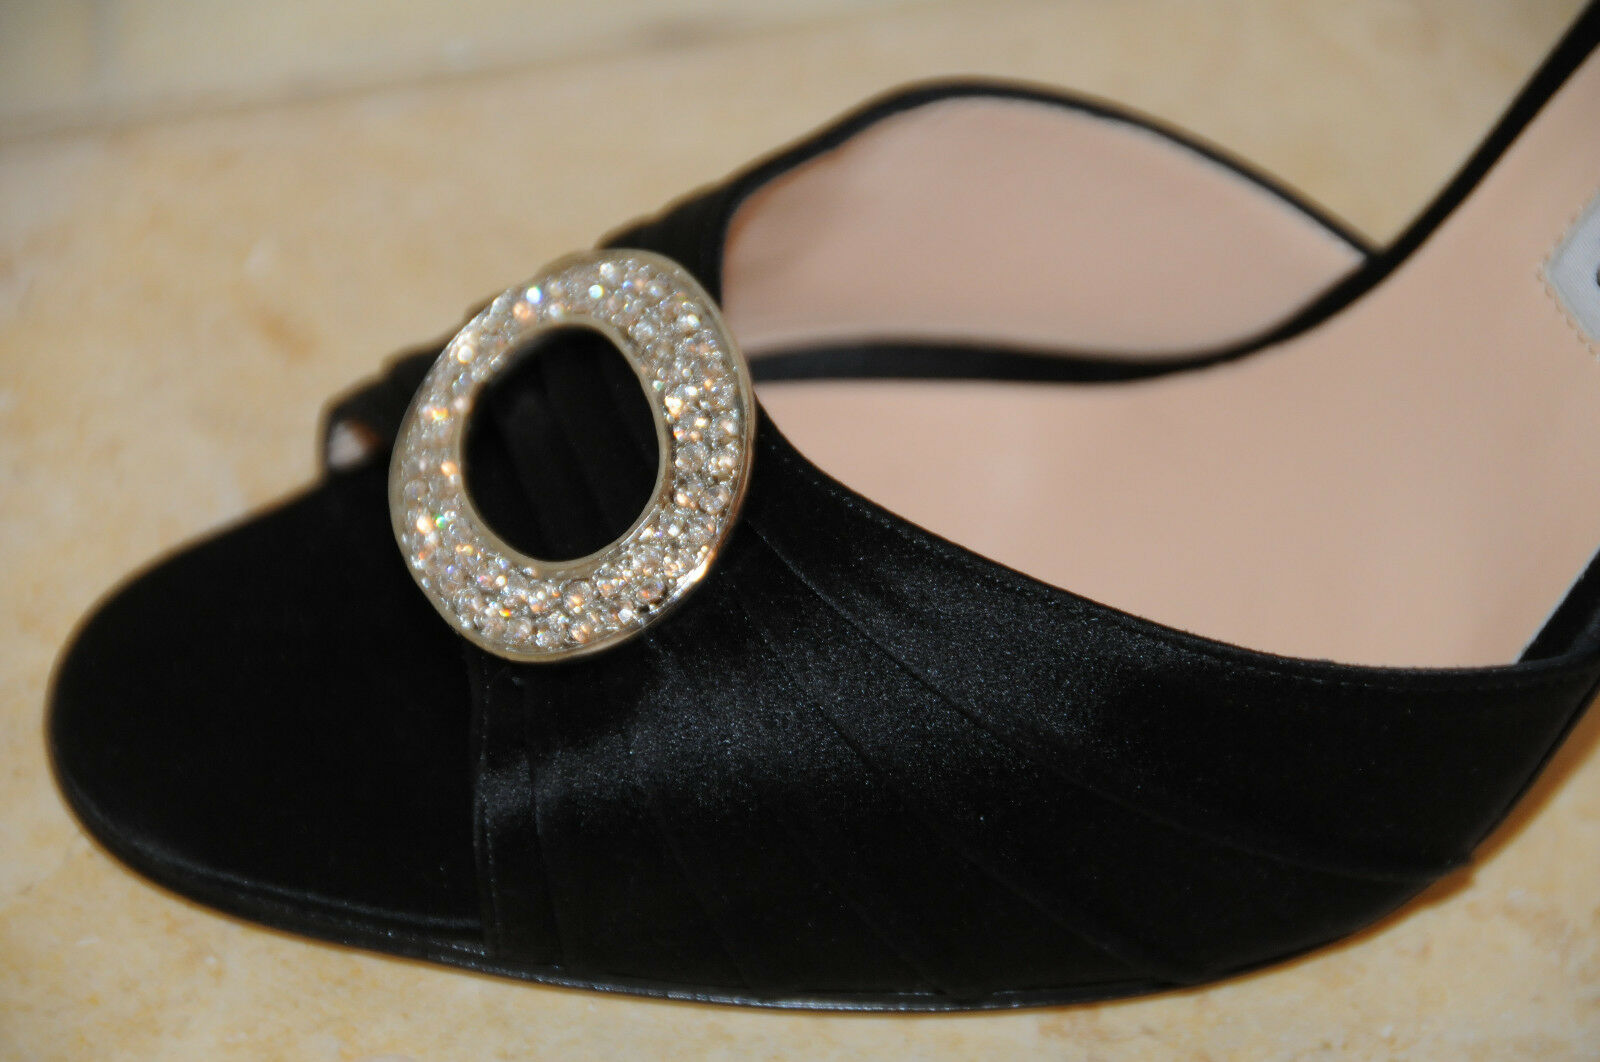 qualità ufficiale Nuovo Manolo Blahnik Sedaraby 105 Nero argentoo argentoo argentoo Satinato Ingioiellato Scarpe 42  a buon mercato